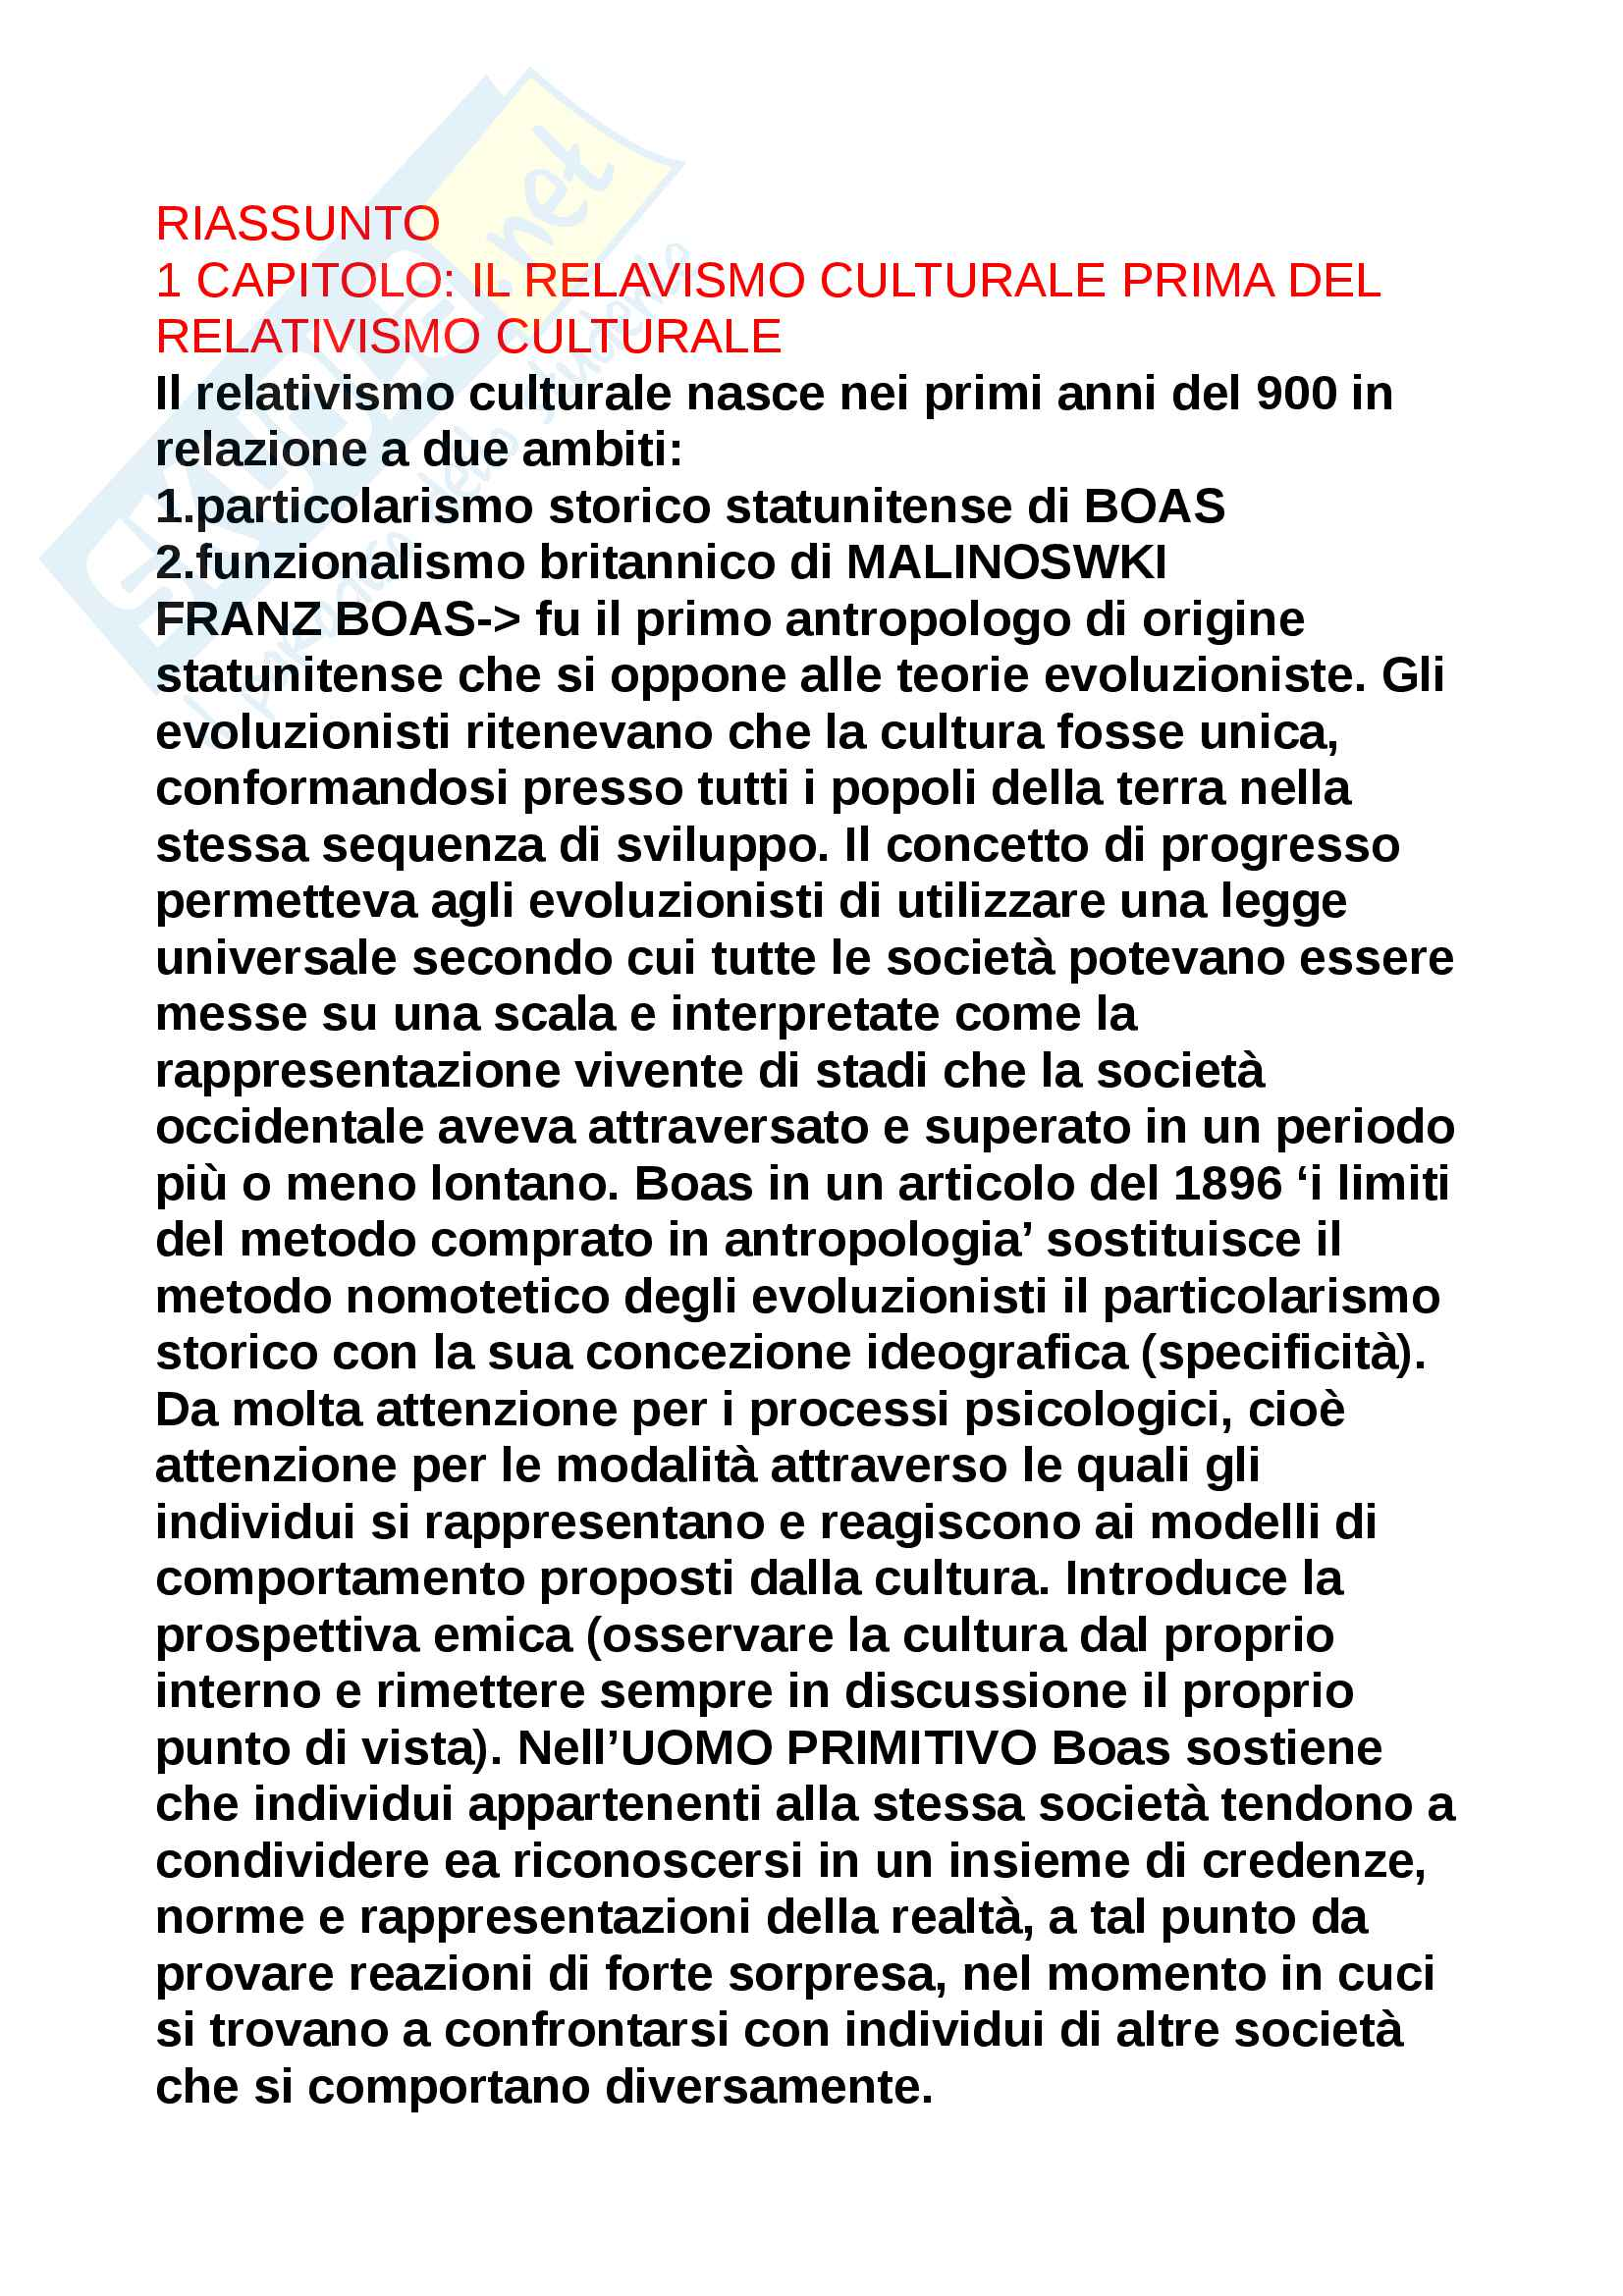 Riassunto esame Antropologia culturale, prof Biscaldi, testo consigliato Relativismo culturale, autore Biscaldi